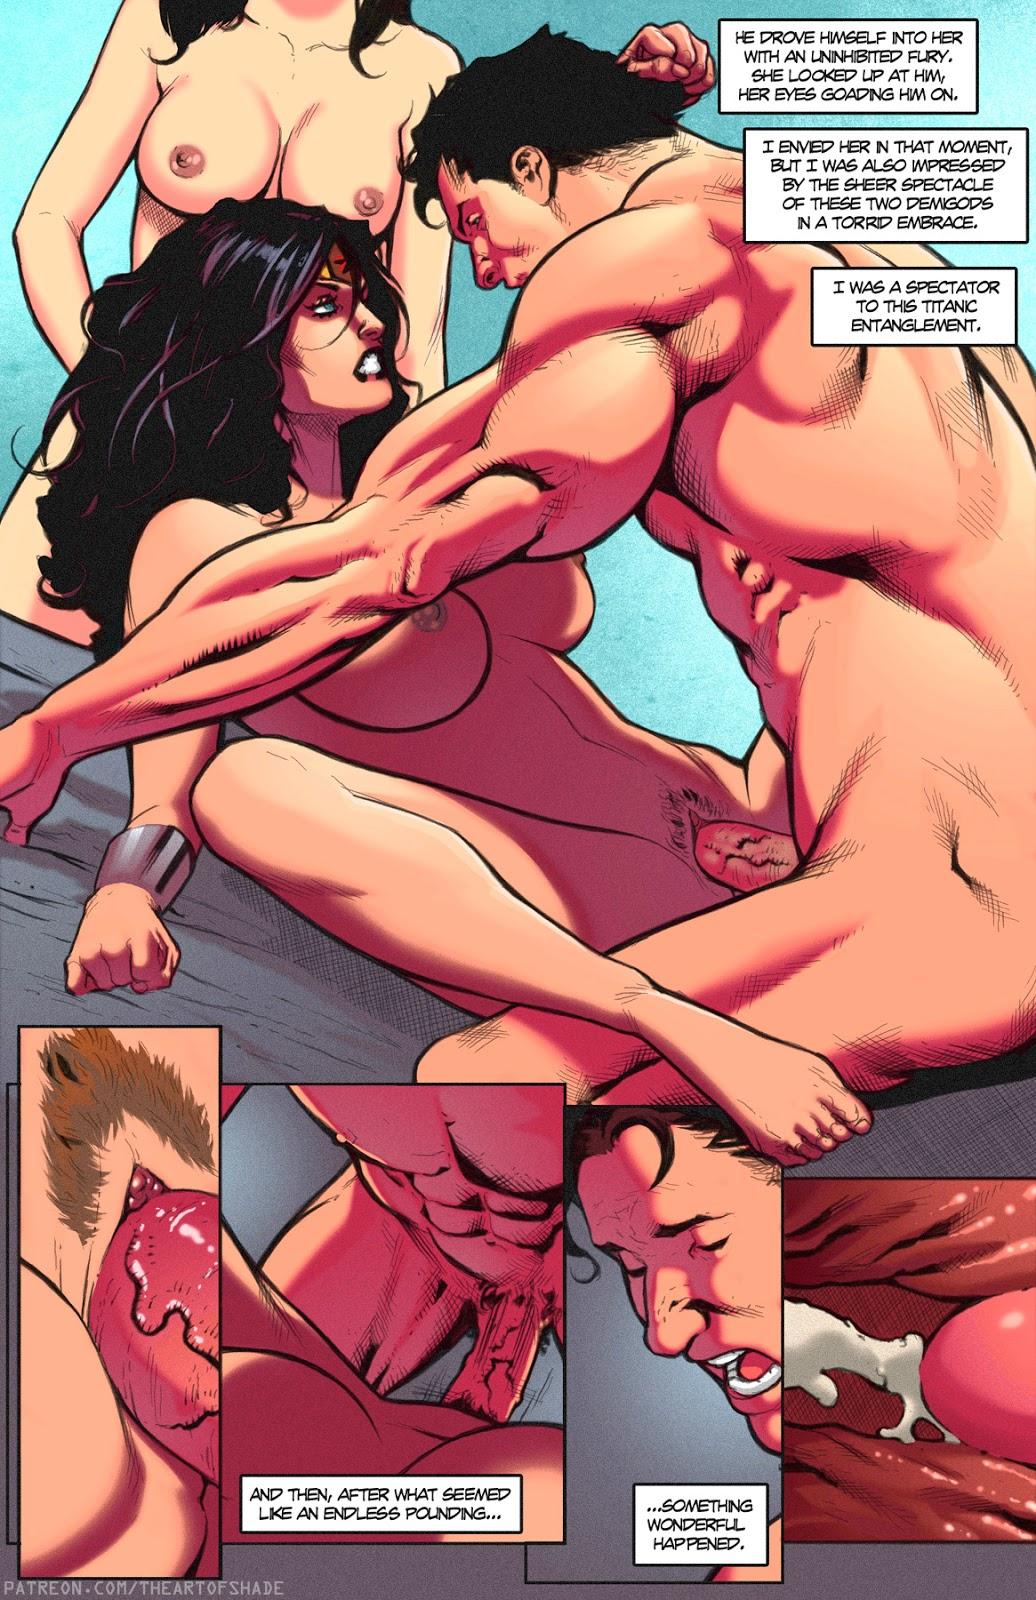 Komik wauw xxx erotica gallery